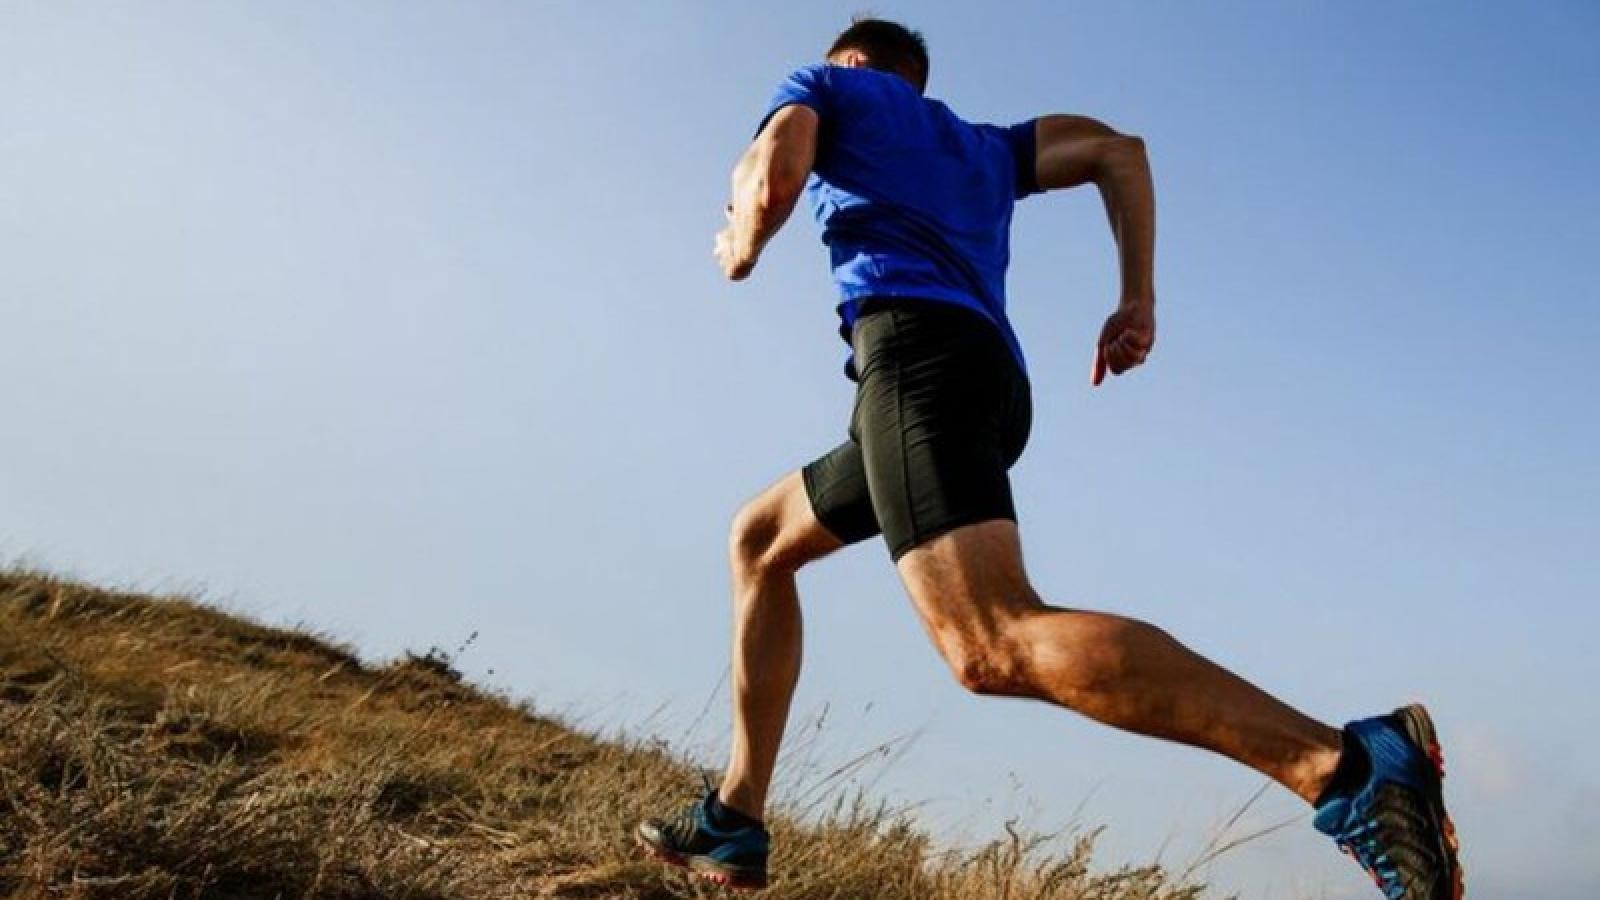 Một số phương pháp giúp tăng chiều cao hiệu quả